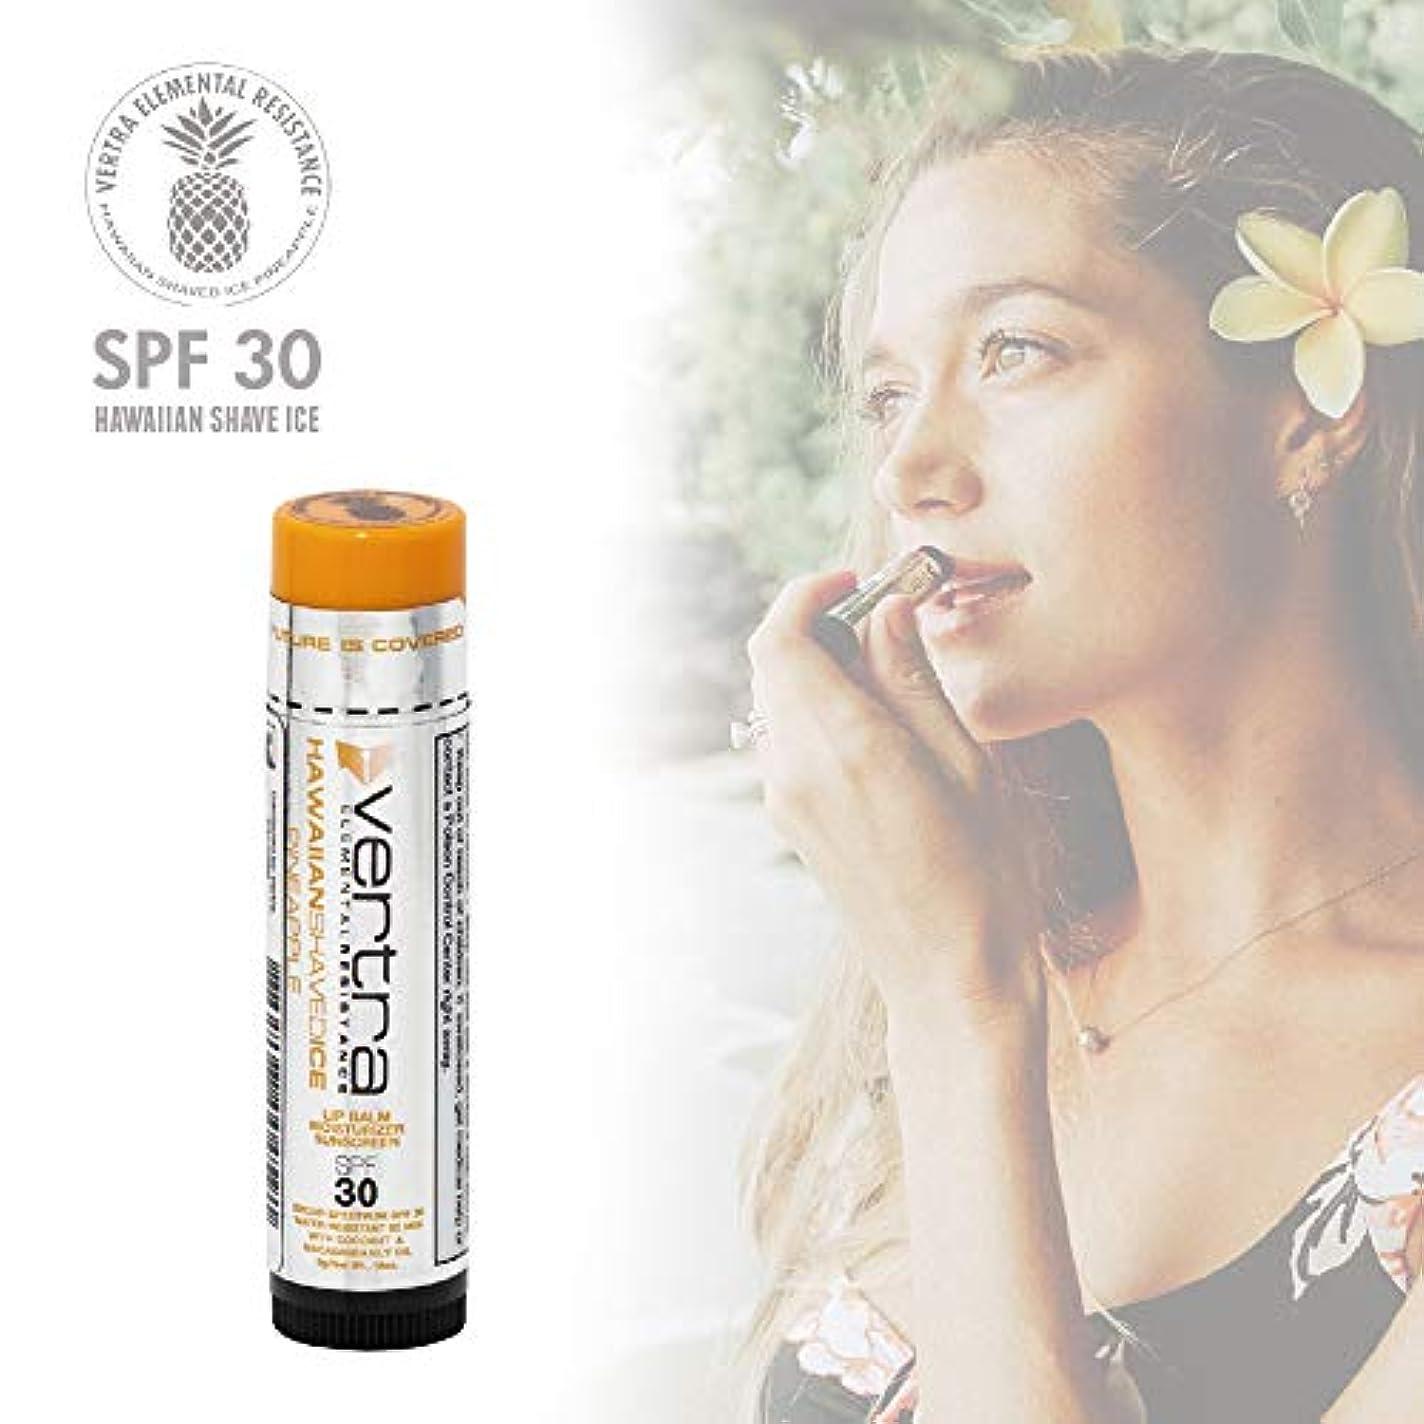 樹木苦難促進するVERTRA (バートラ) リップ 日焼け止め Lip Balm hawaiian shaved ice pineapple SPF30 PA+++